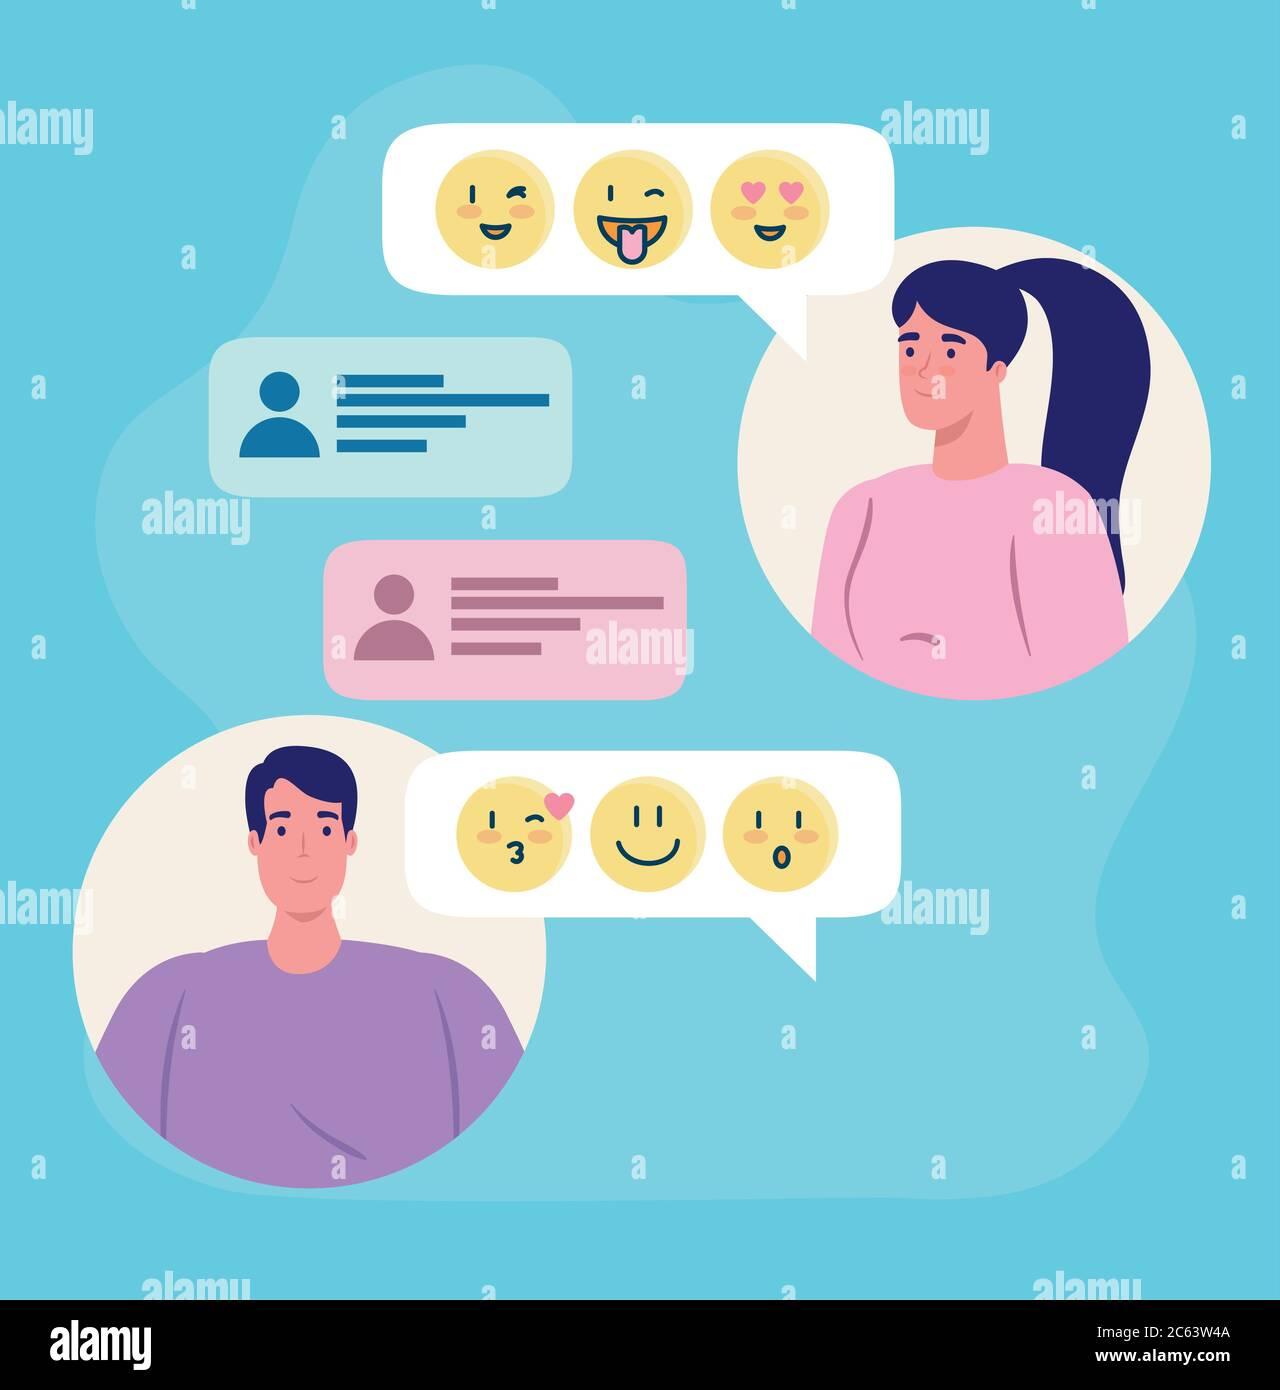 applicazione online dating service, chat di donna e uomo con emoji, persone moderne in cerca di coppia, social media, relazioni virtuali Illustrazione Vettoriale